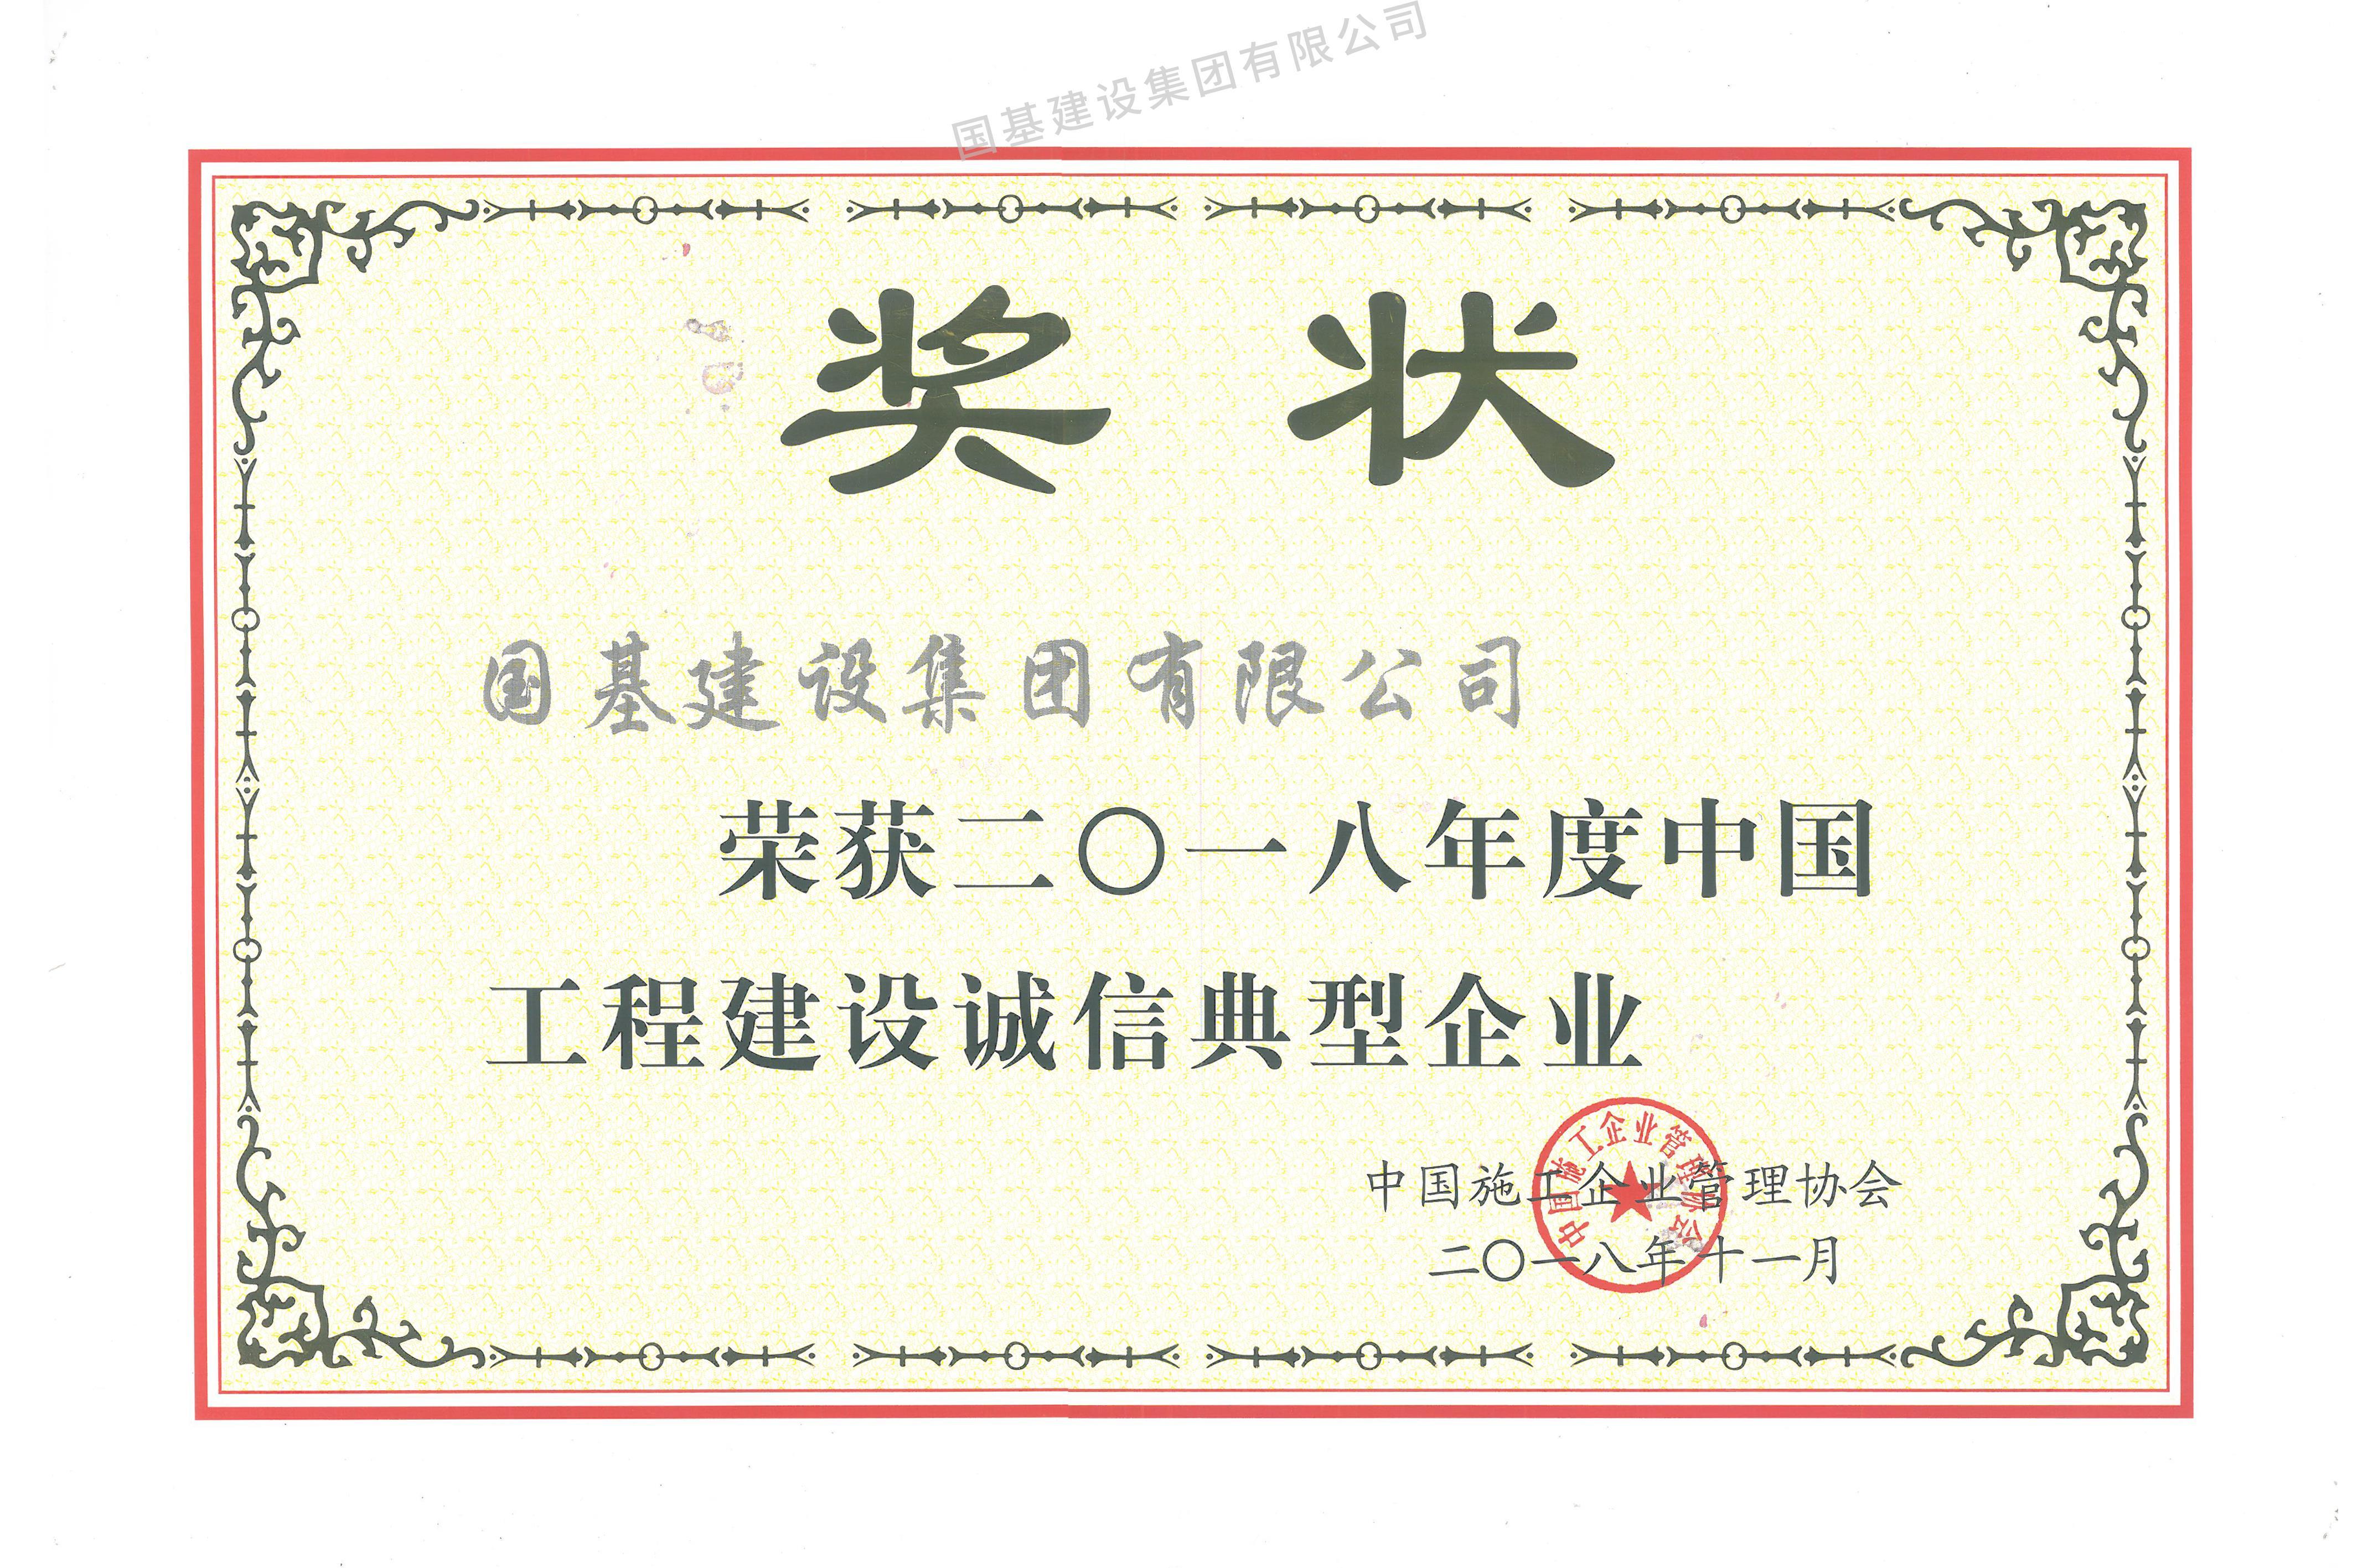 企业荣誉-2018年-2018年度中国工程u赢电竞返现诚信典型企业